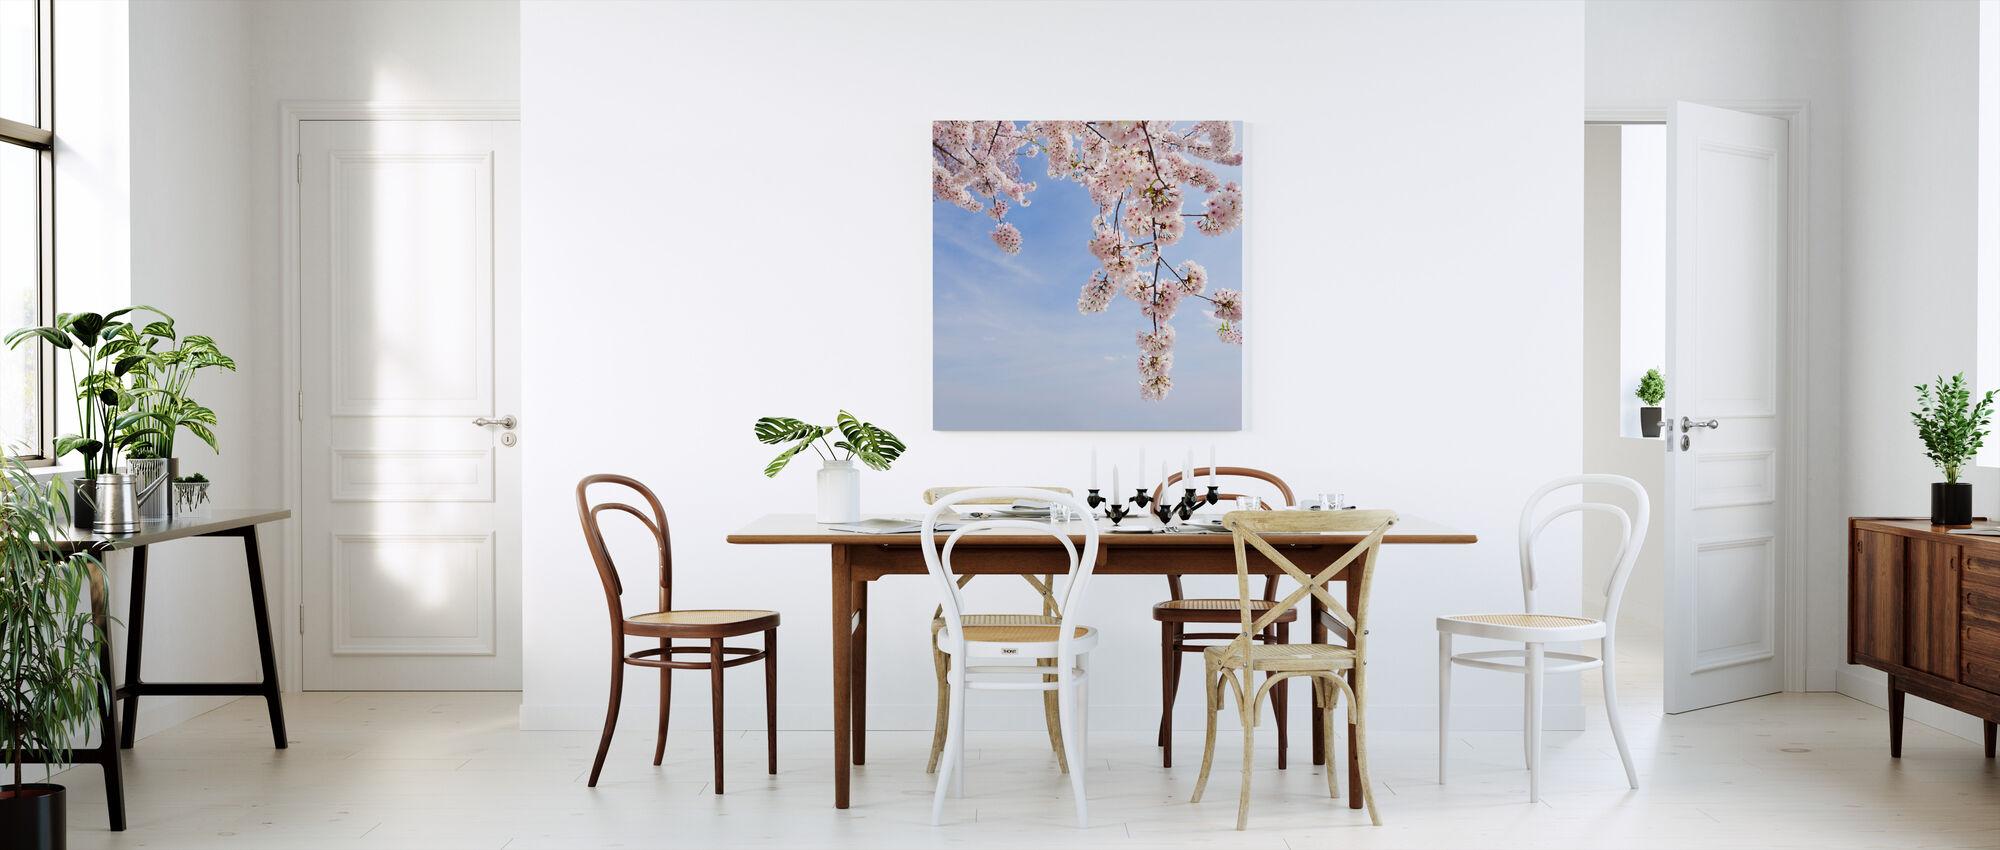 Kirsikkapuun alla - Canvastaulu - Keittiö